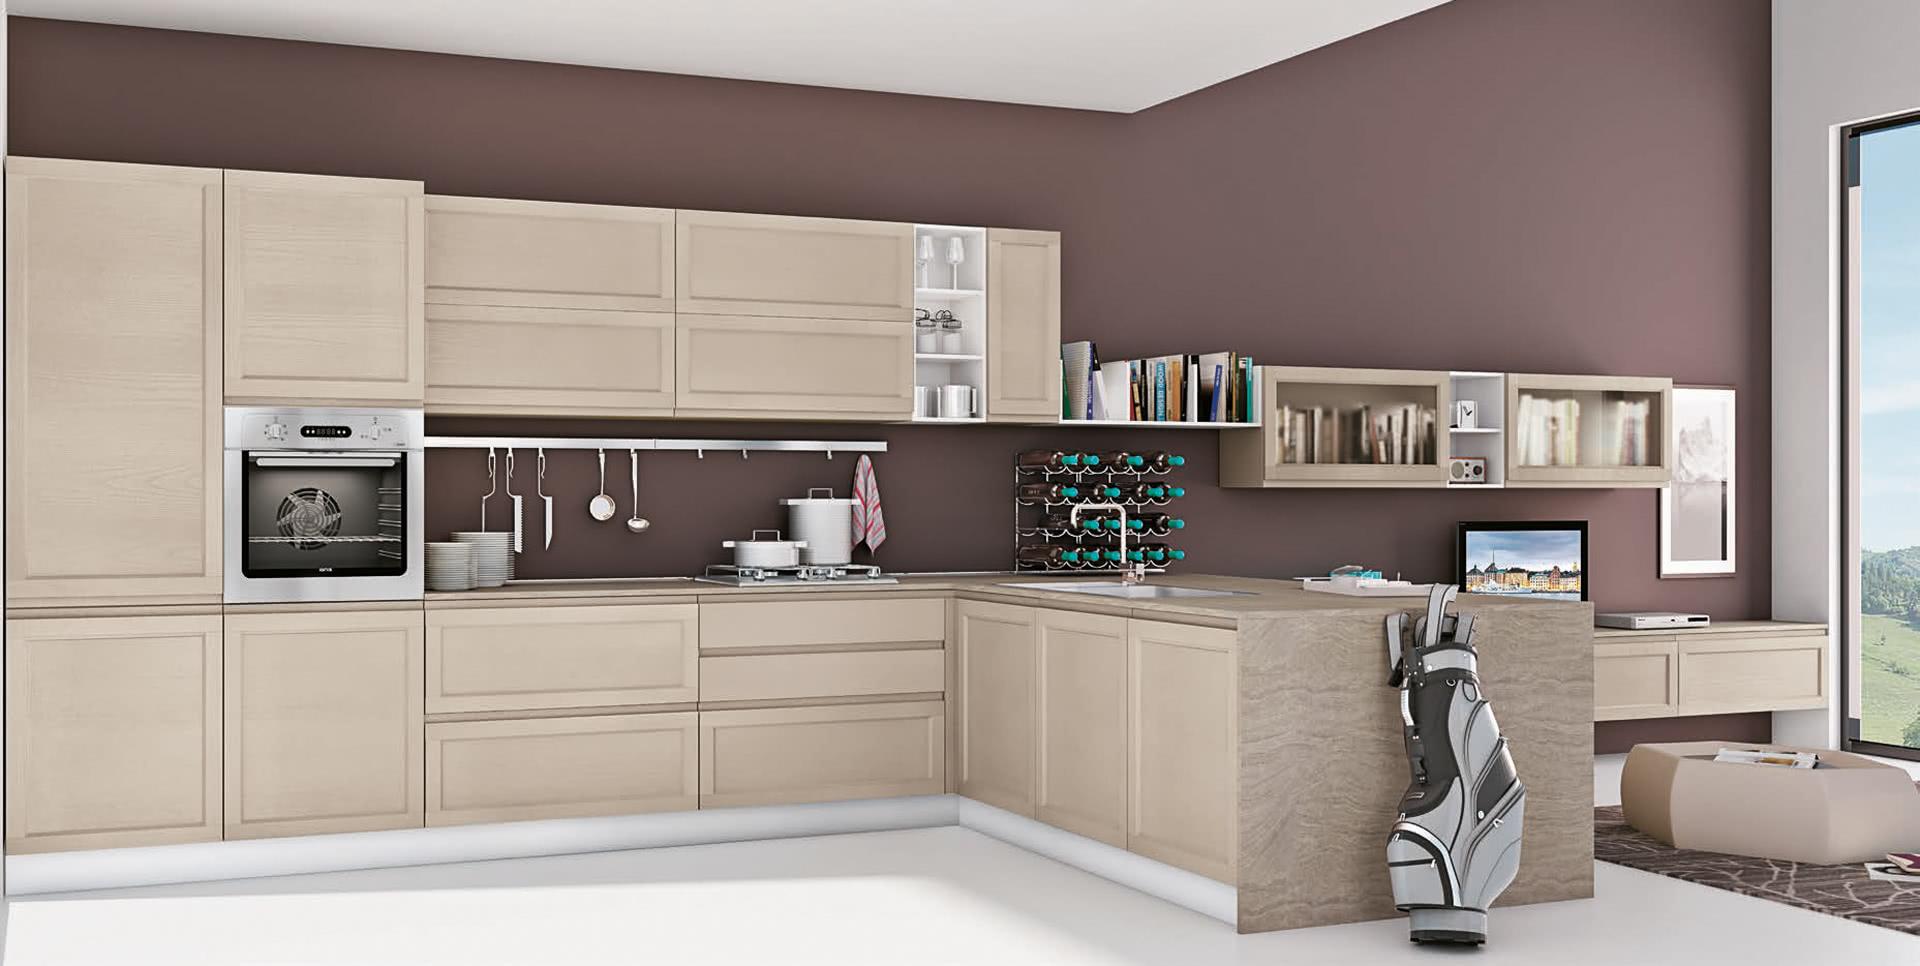 Cucina classica lube selma creo kitchens - Cucine lineari classiche ...